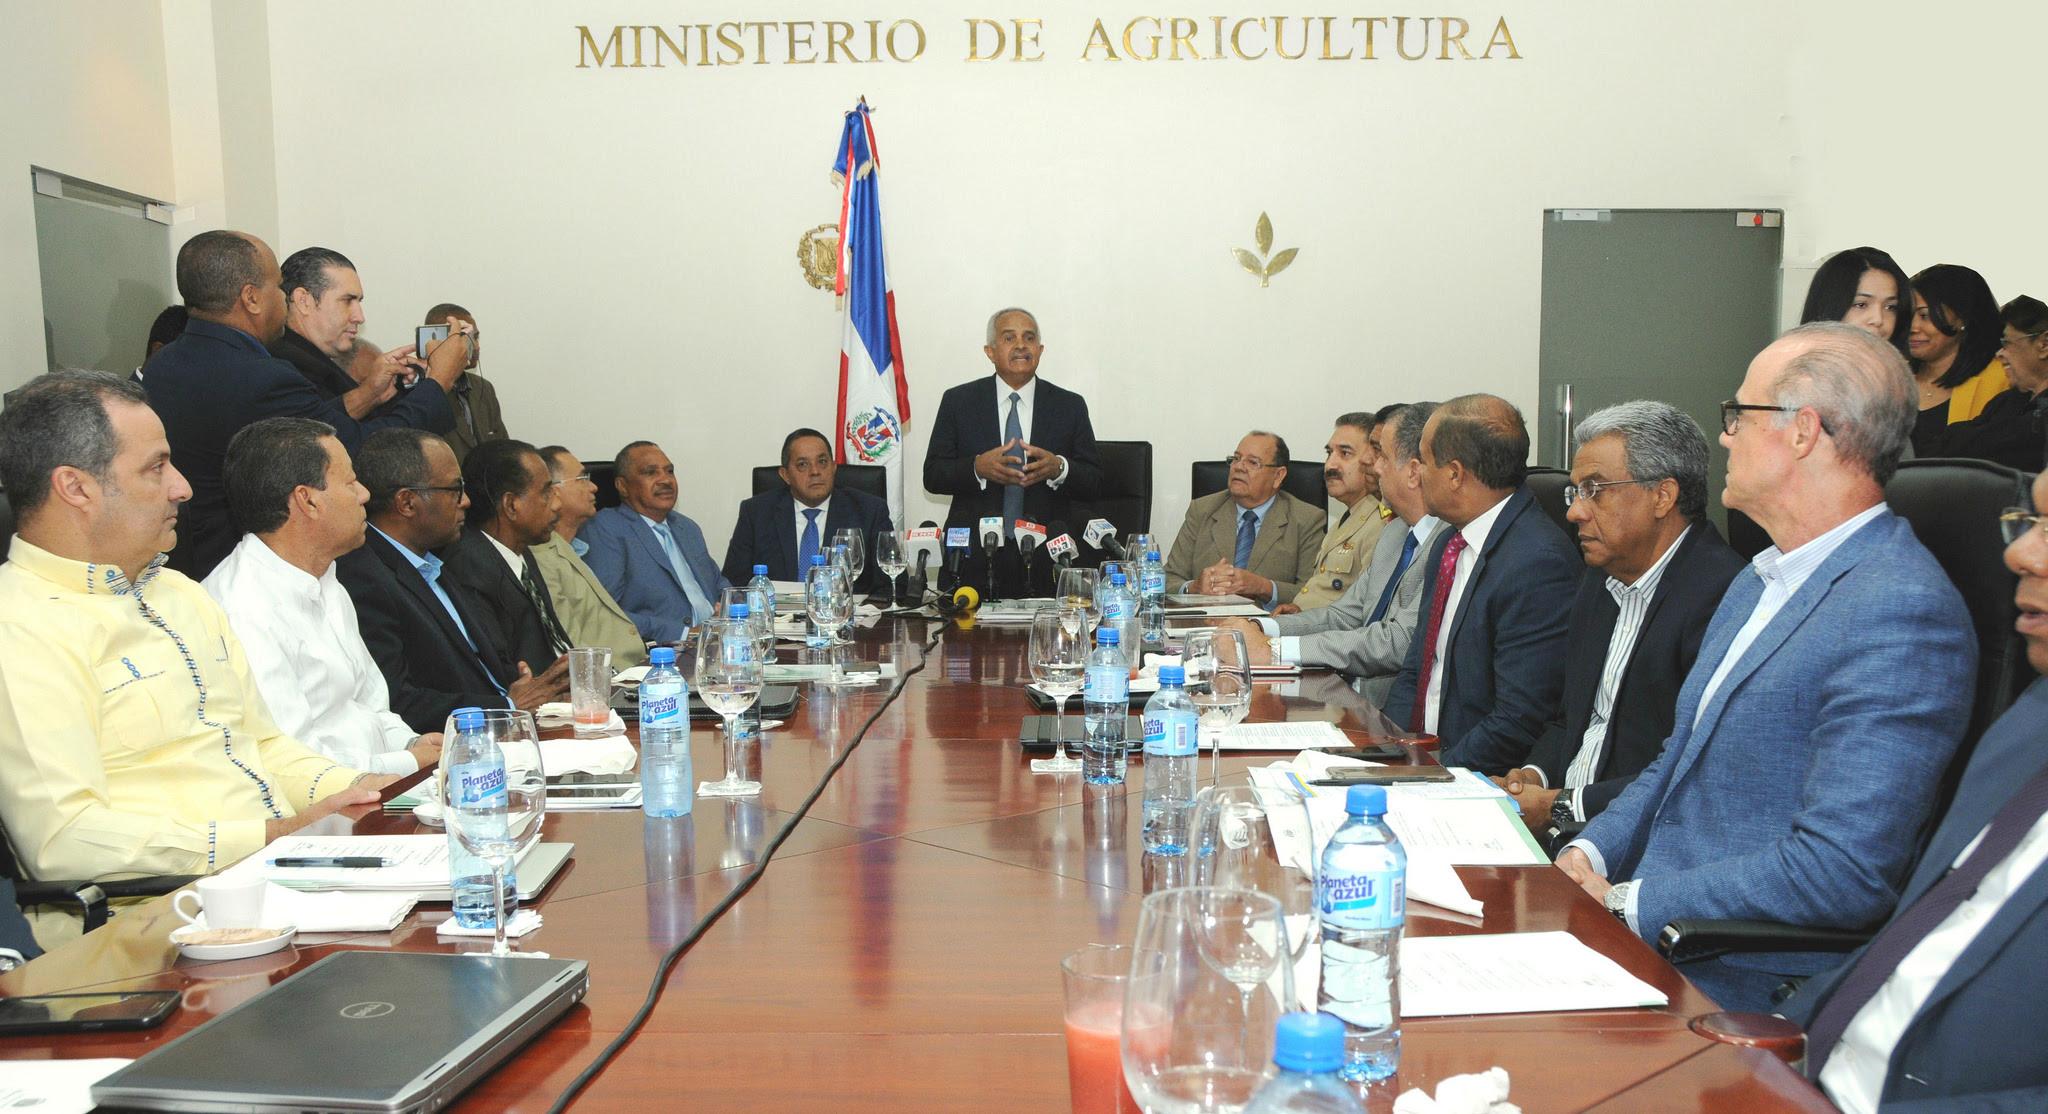 , Ministerio de Agricultura reactiva diálogo de seguimiento políticas públicas en agropecuaria